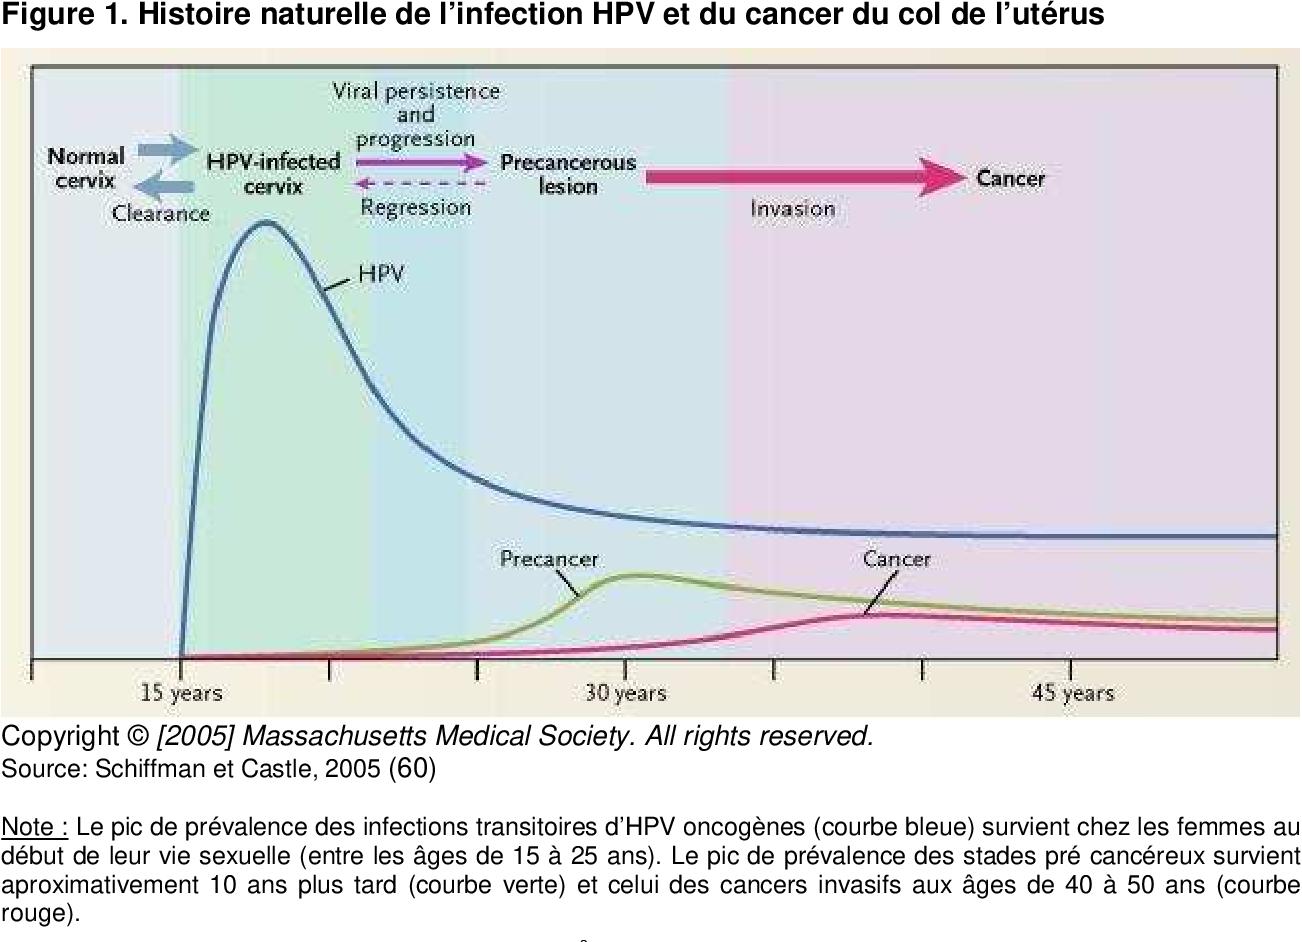 hpv negatif et cancer